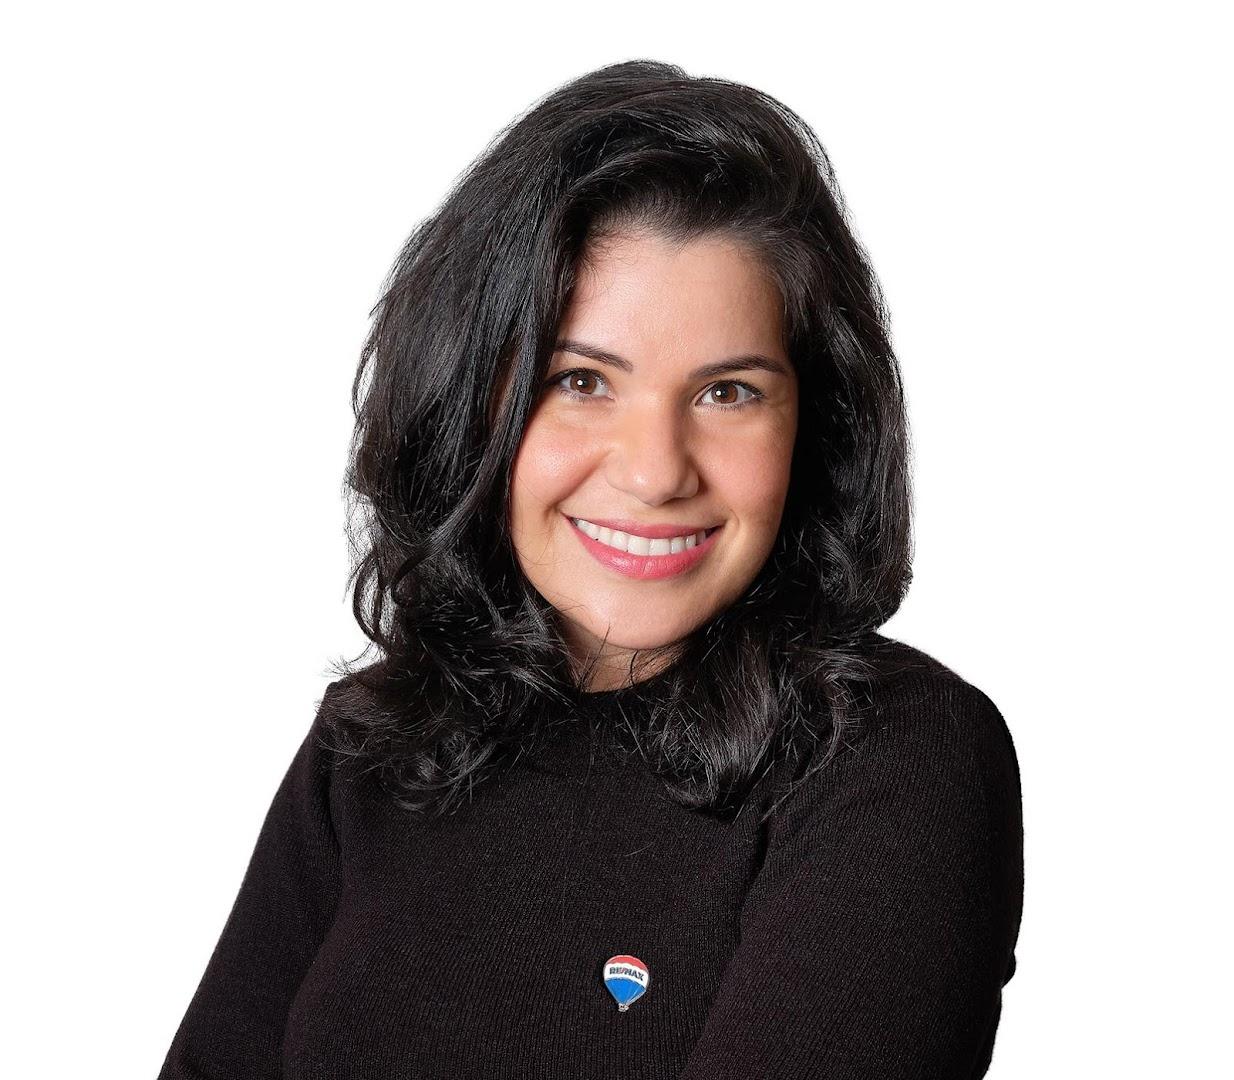 Adriana Furtado